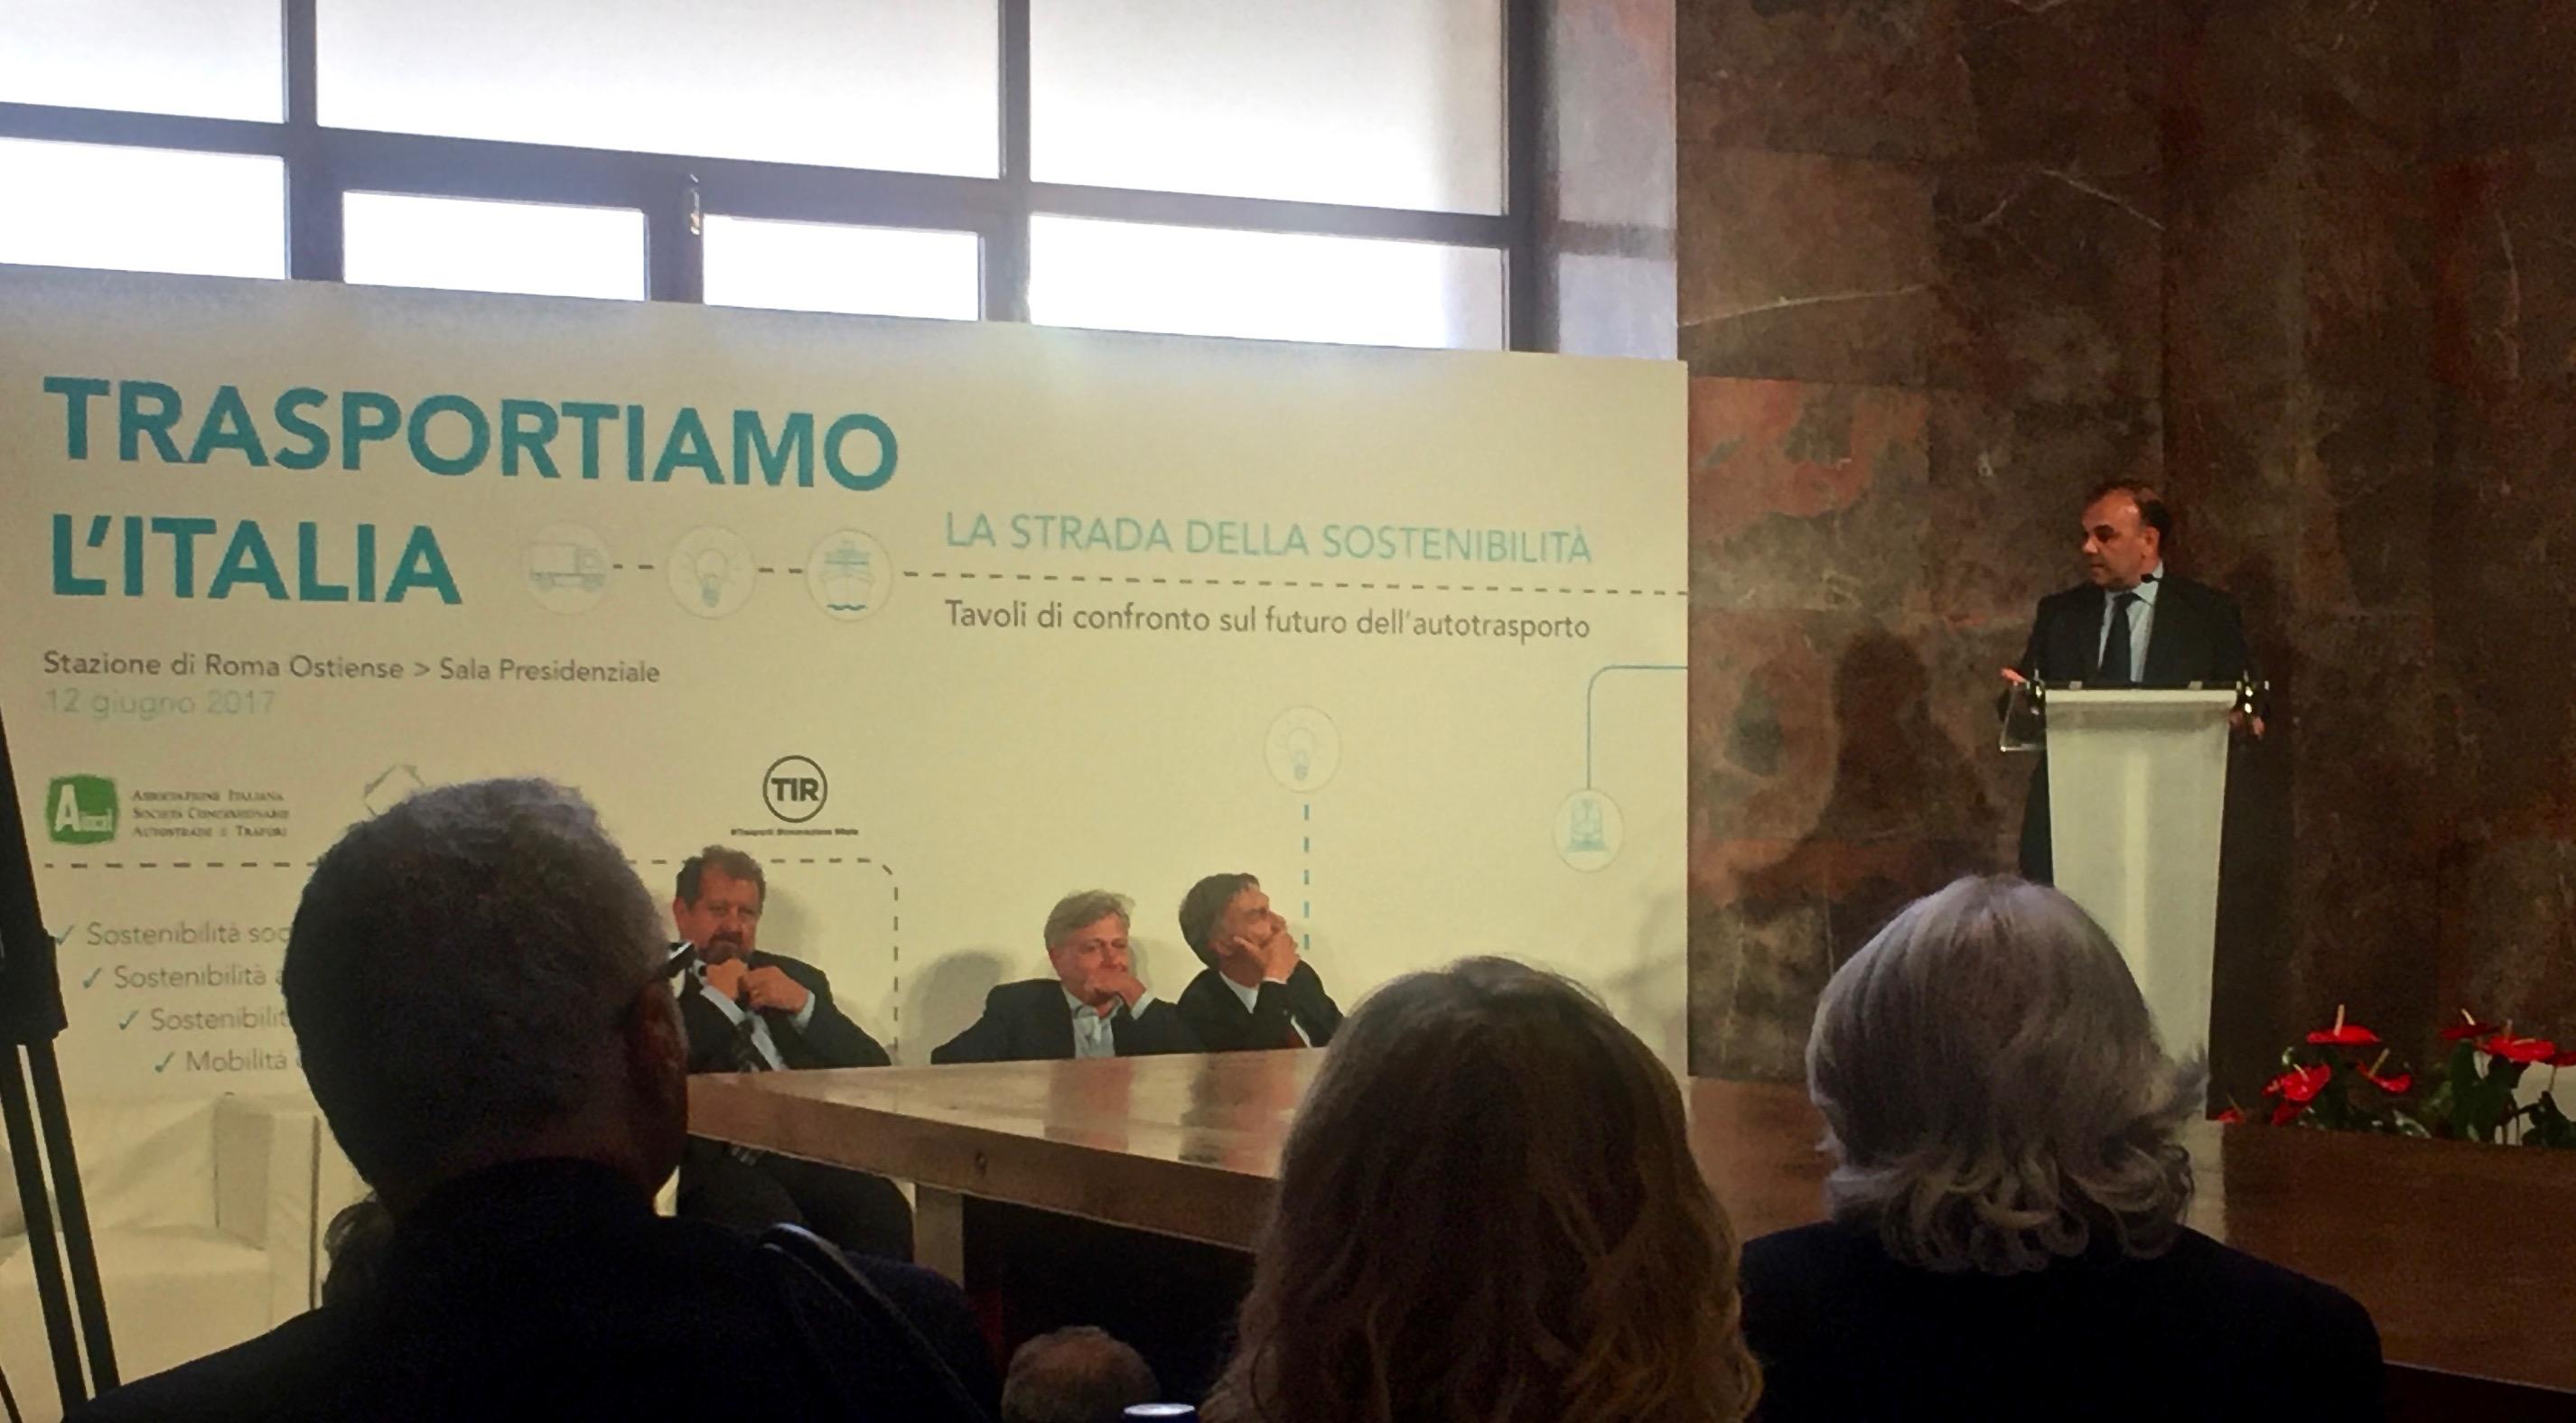 Mobilità connessa, telematica per i trasporti e monitoraggio digitale: Enrico Pisino coordinatore dei lavori per il G7 a Cagliari